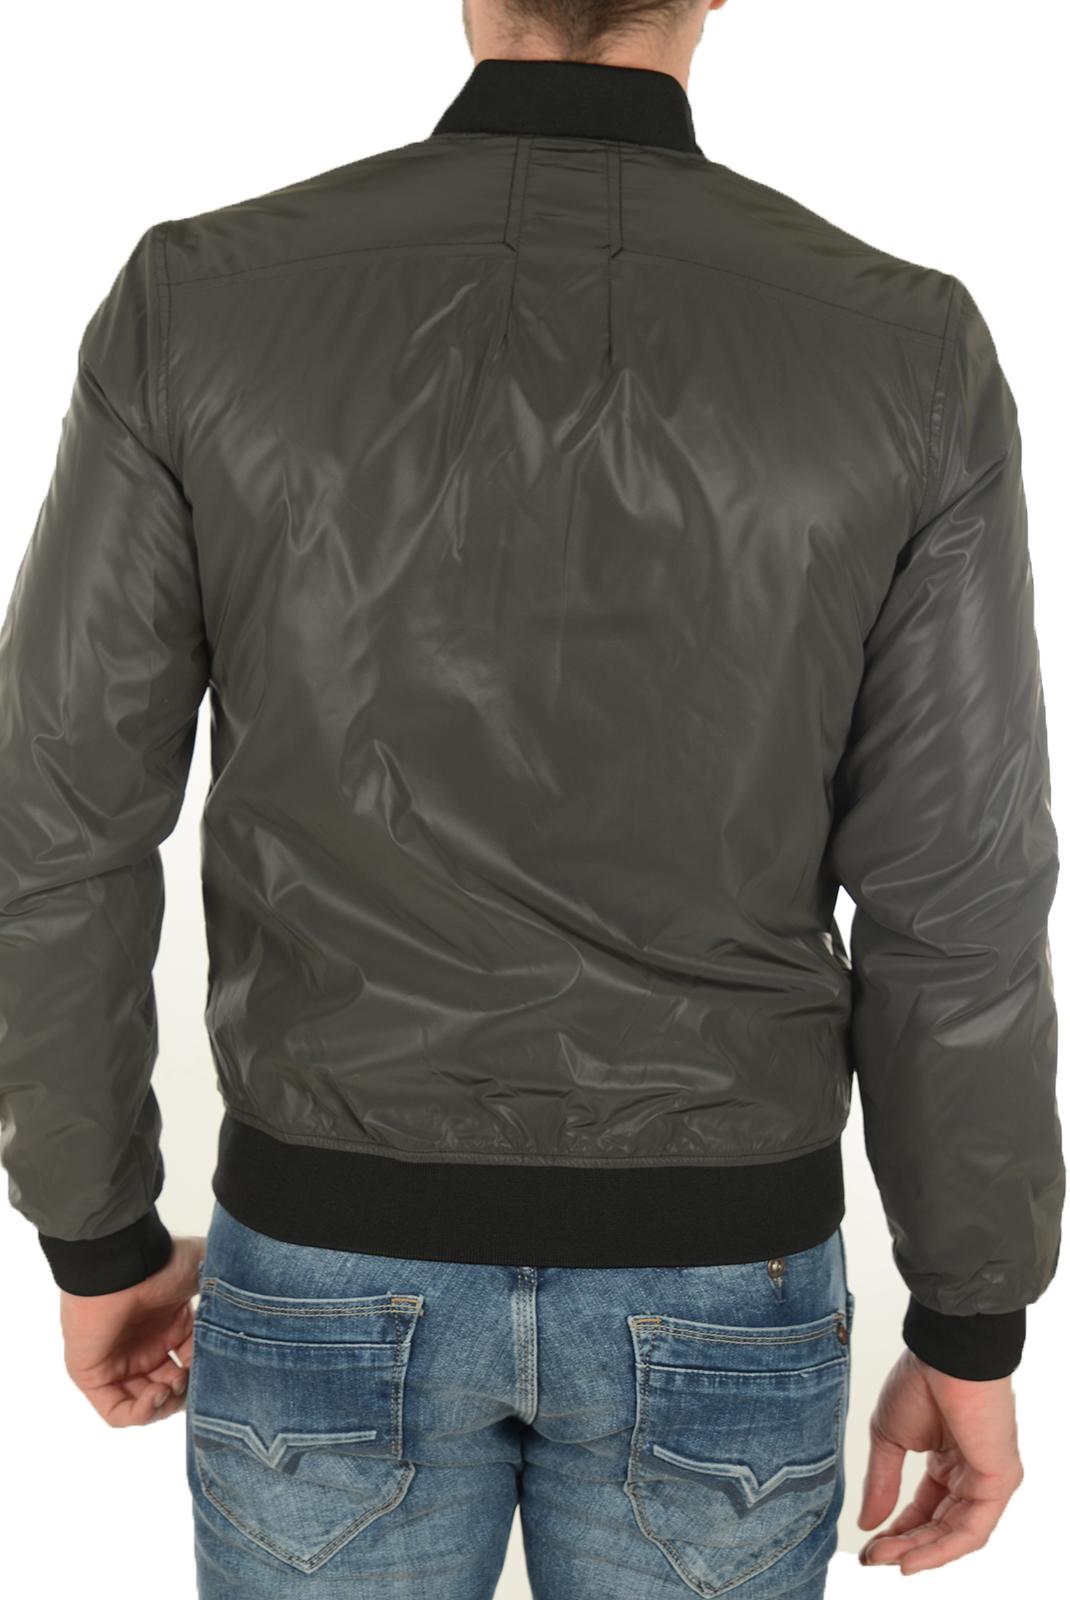 Blousons / doudounes  Guess jeans M64L21 W7WN0 FP05 GRIS